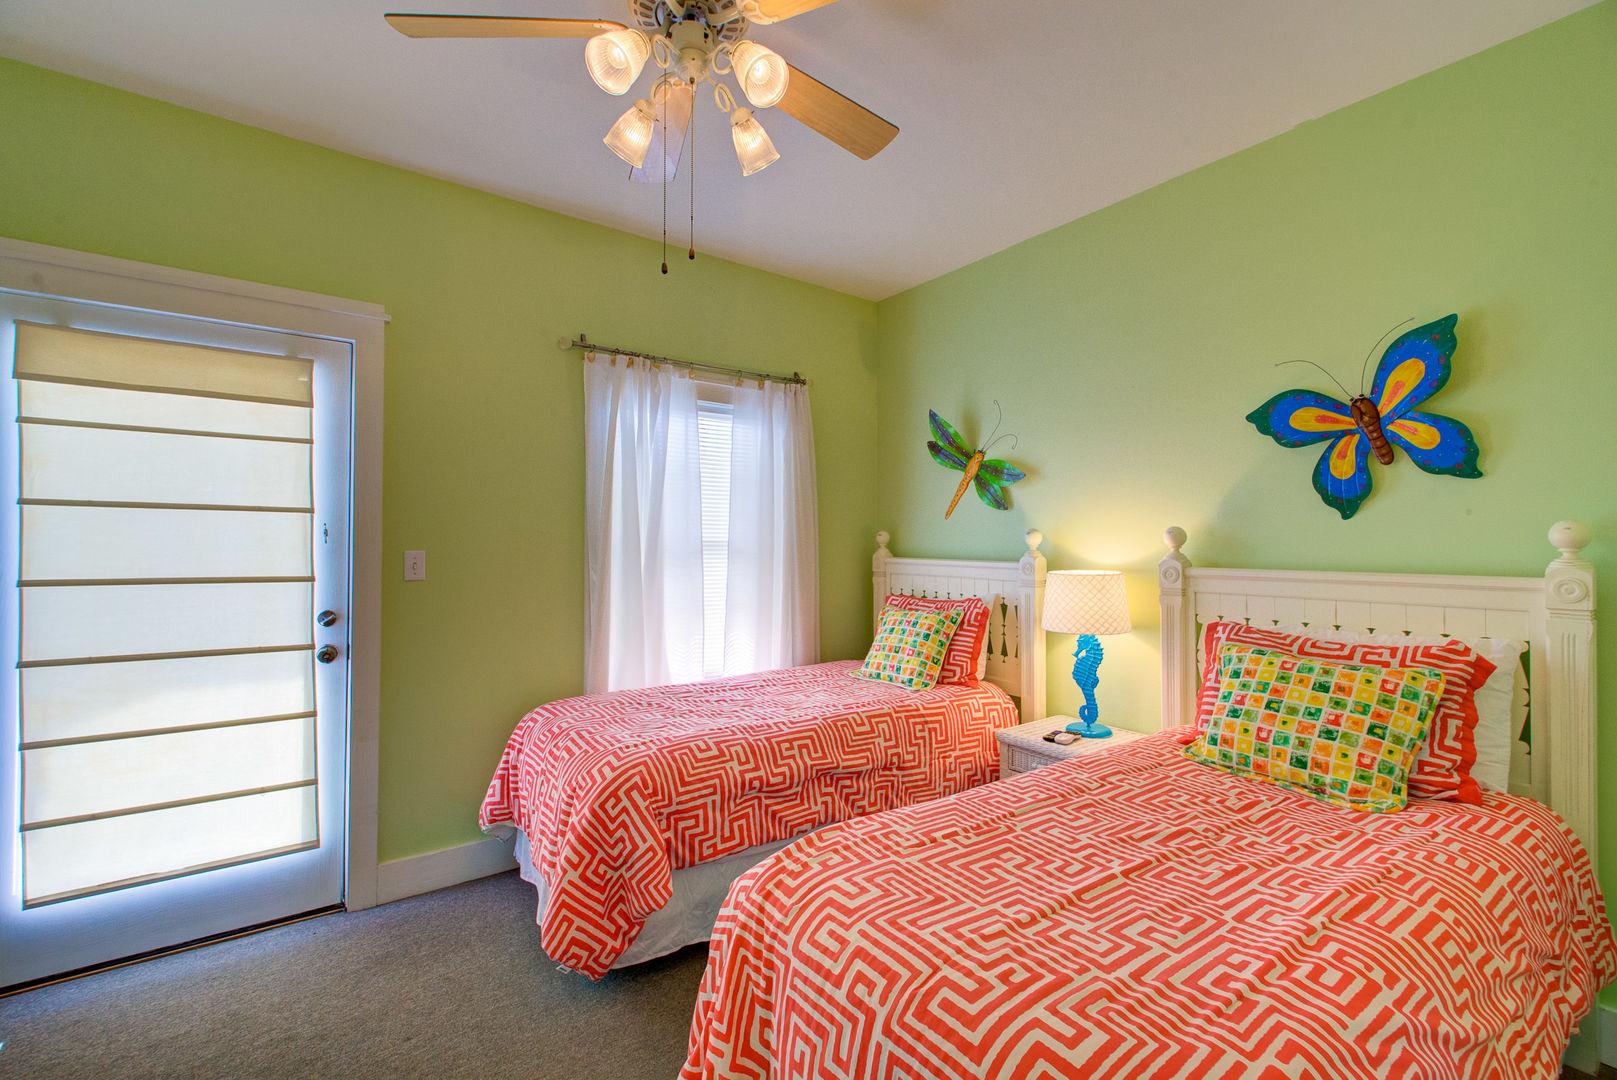 Bedroom with Twin Beds, Nightstands, Lamp, Door to the Balcony.